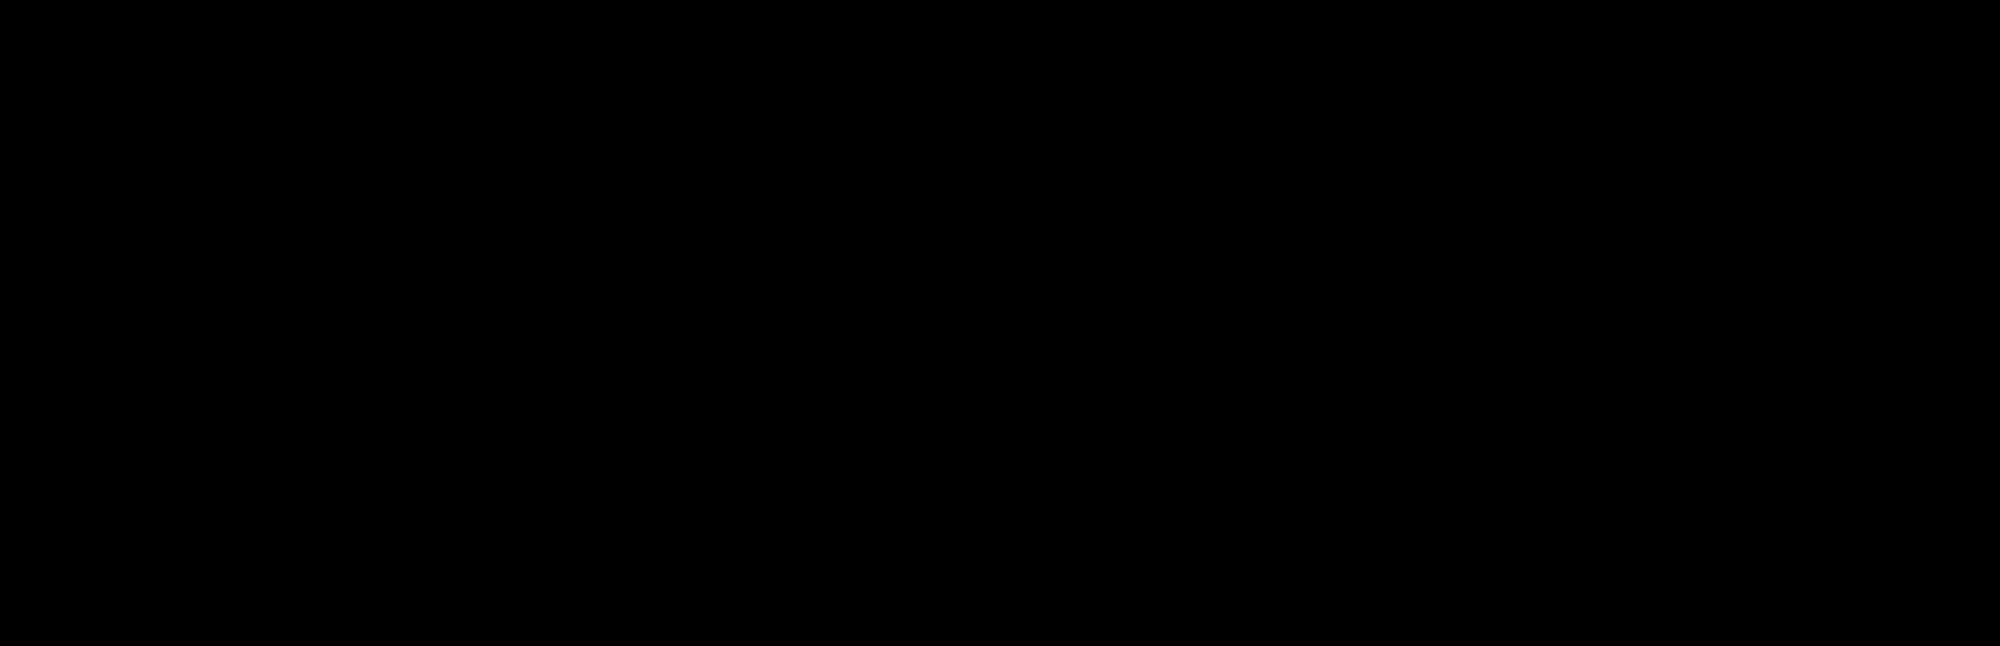 オーダーメイドユニフォーム・スポーツアイテム - フレアフォースポーツ